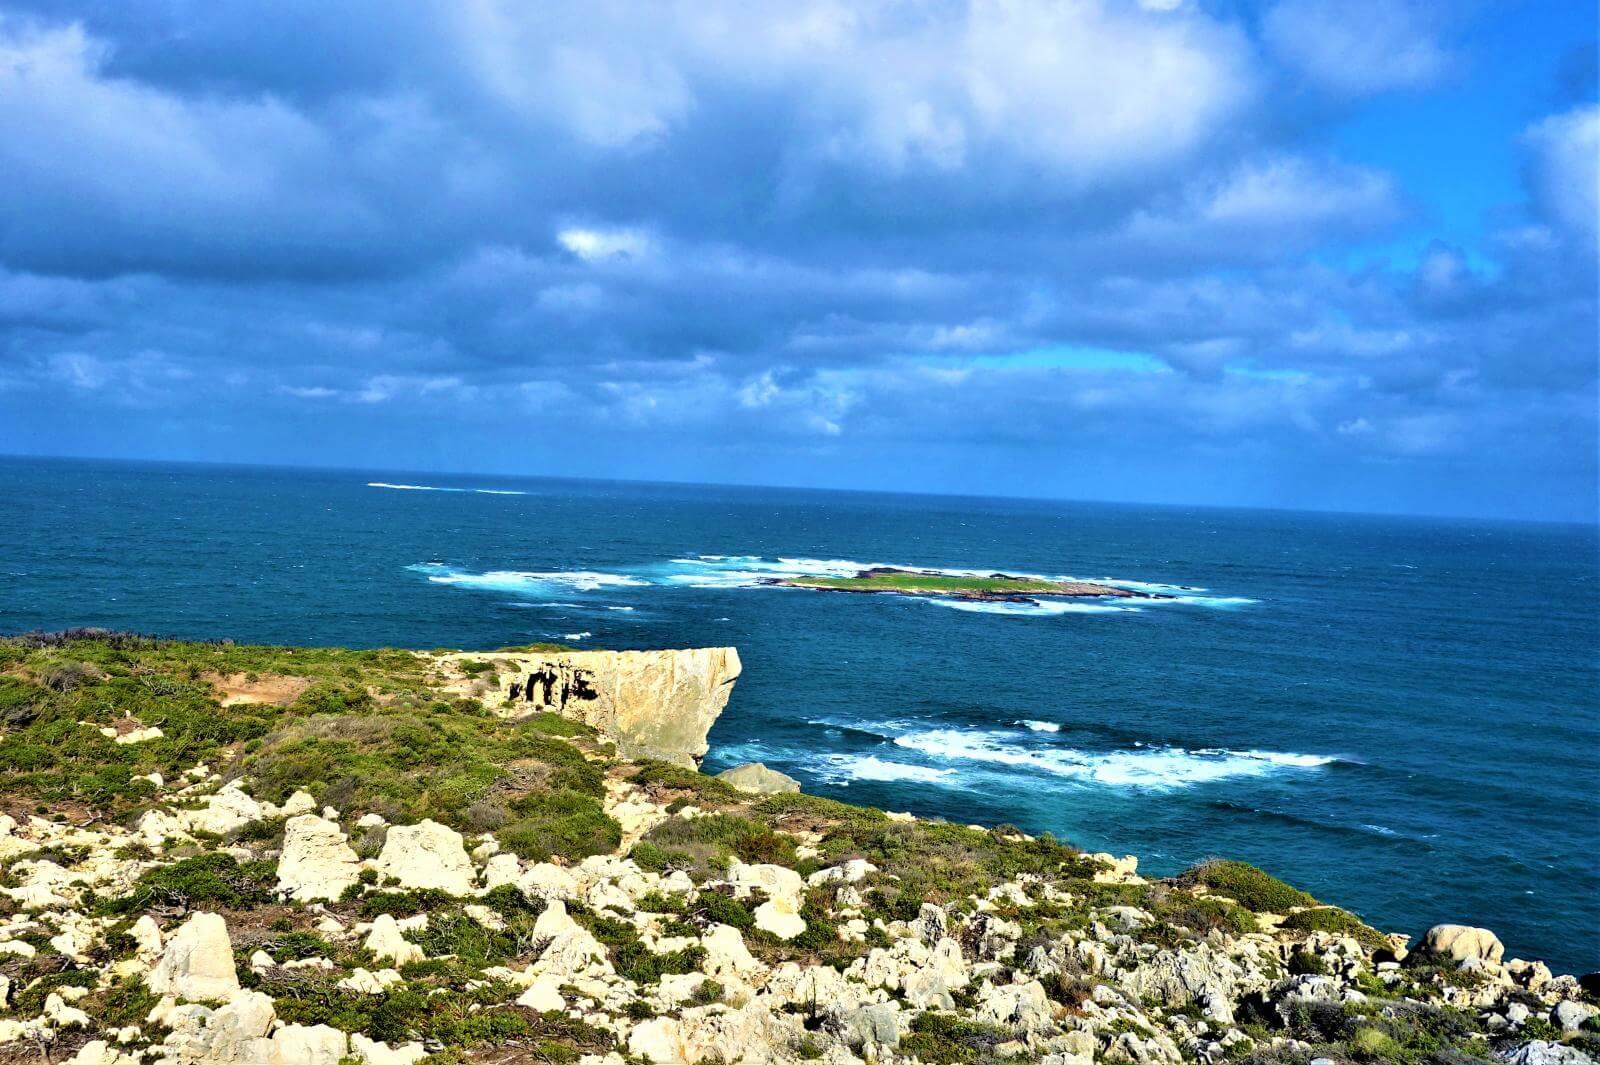 Blick auf D'Entrecasteaux National Park in Australien